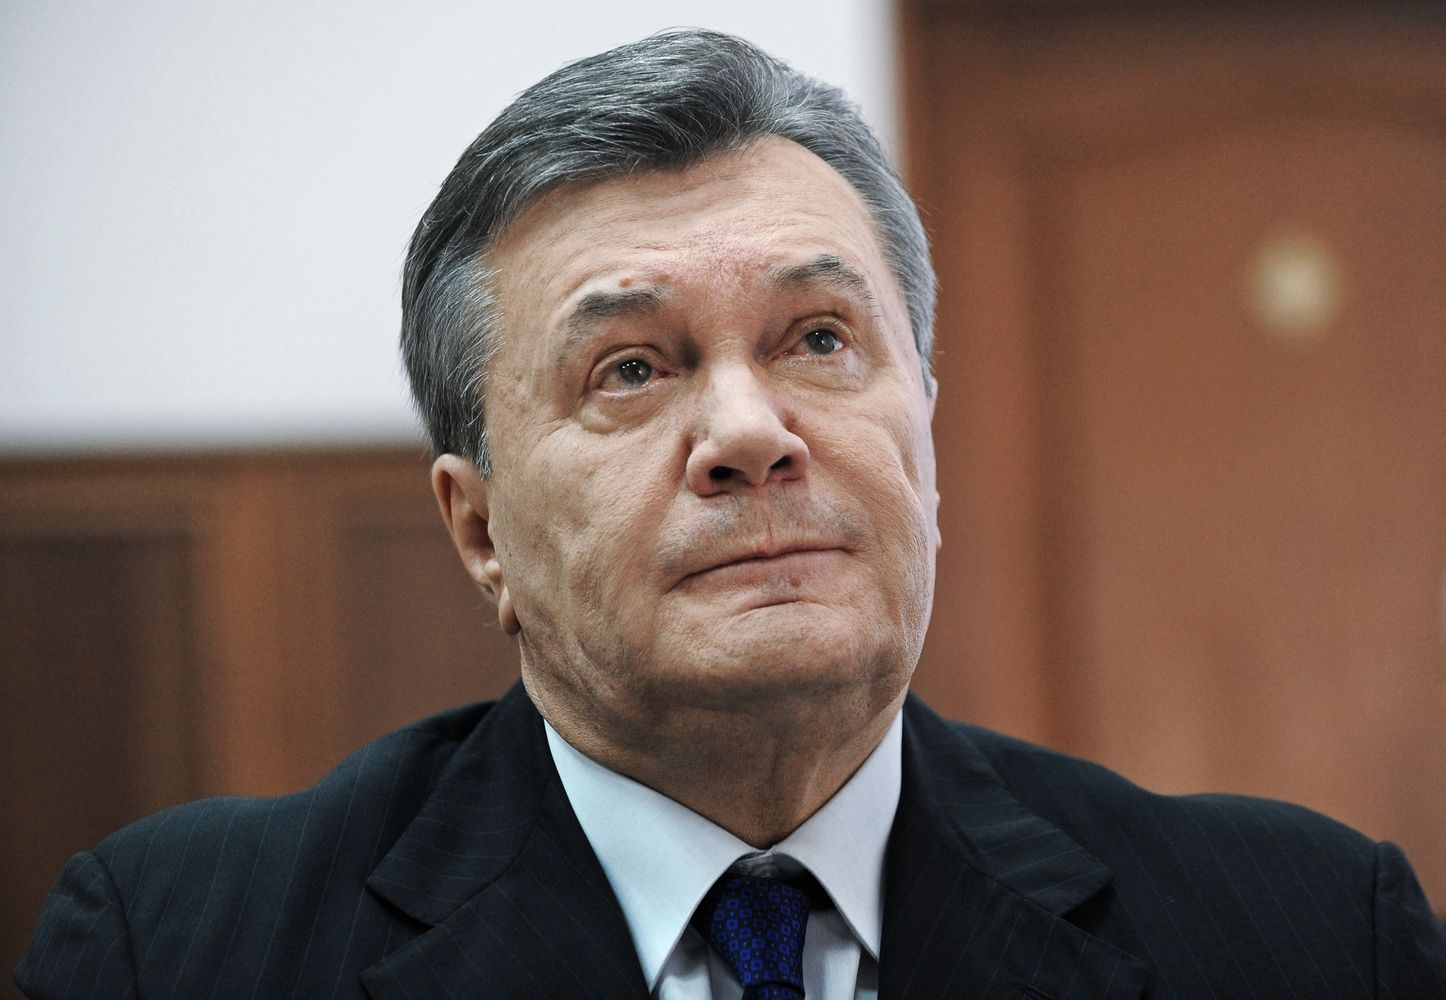 Ukrainos teismas už akių nuteisė buvusį šalies prezidentą V. Janukovyčių